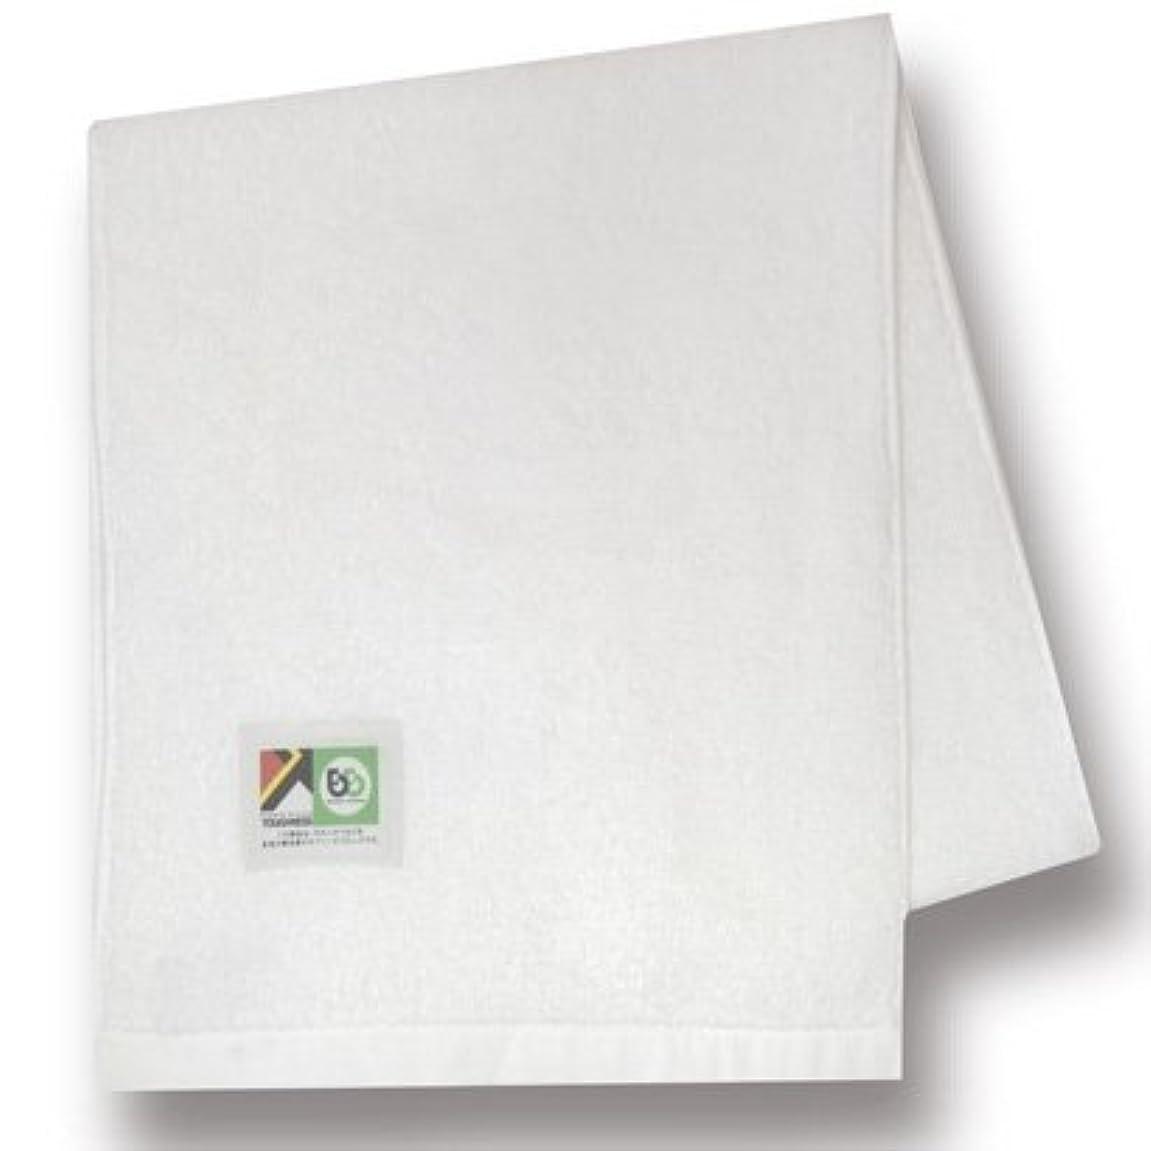 一時的分数支出BreezeBronze(ブリーズブロンズ) ワークタオル ホワイト T-4-WH